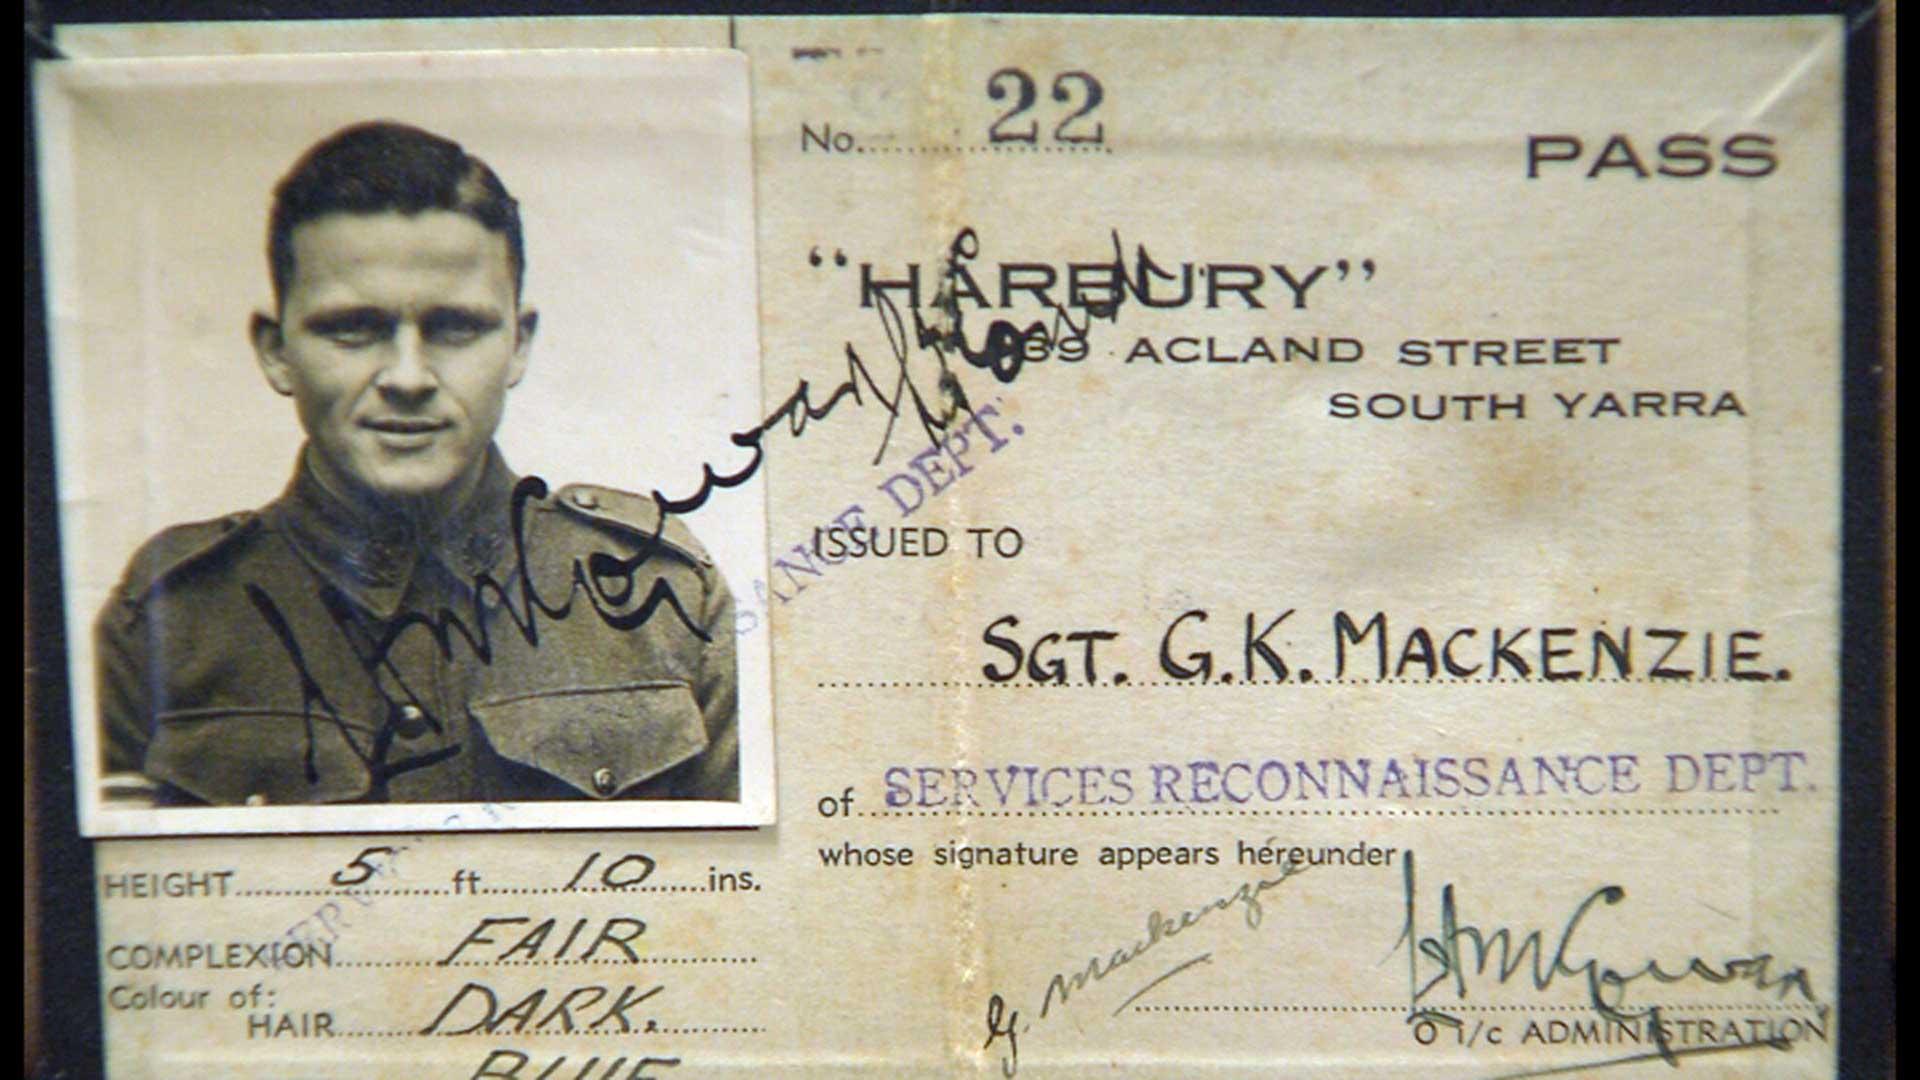 SRD HQ Pass for SRD Operative Sgt. G.K. Mackenzie